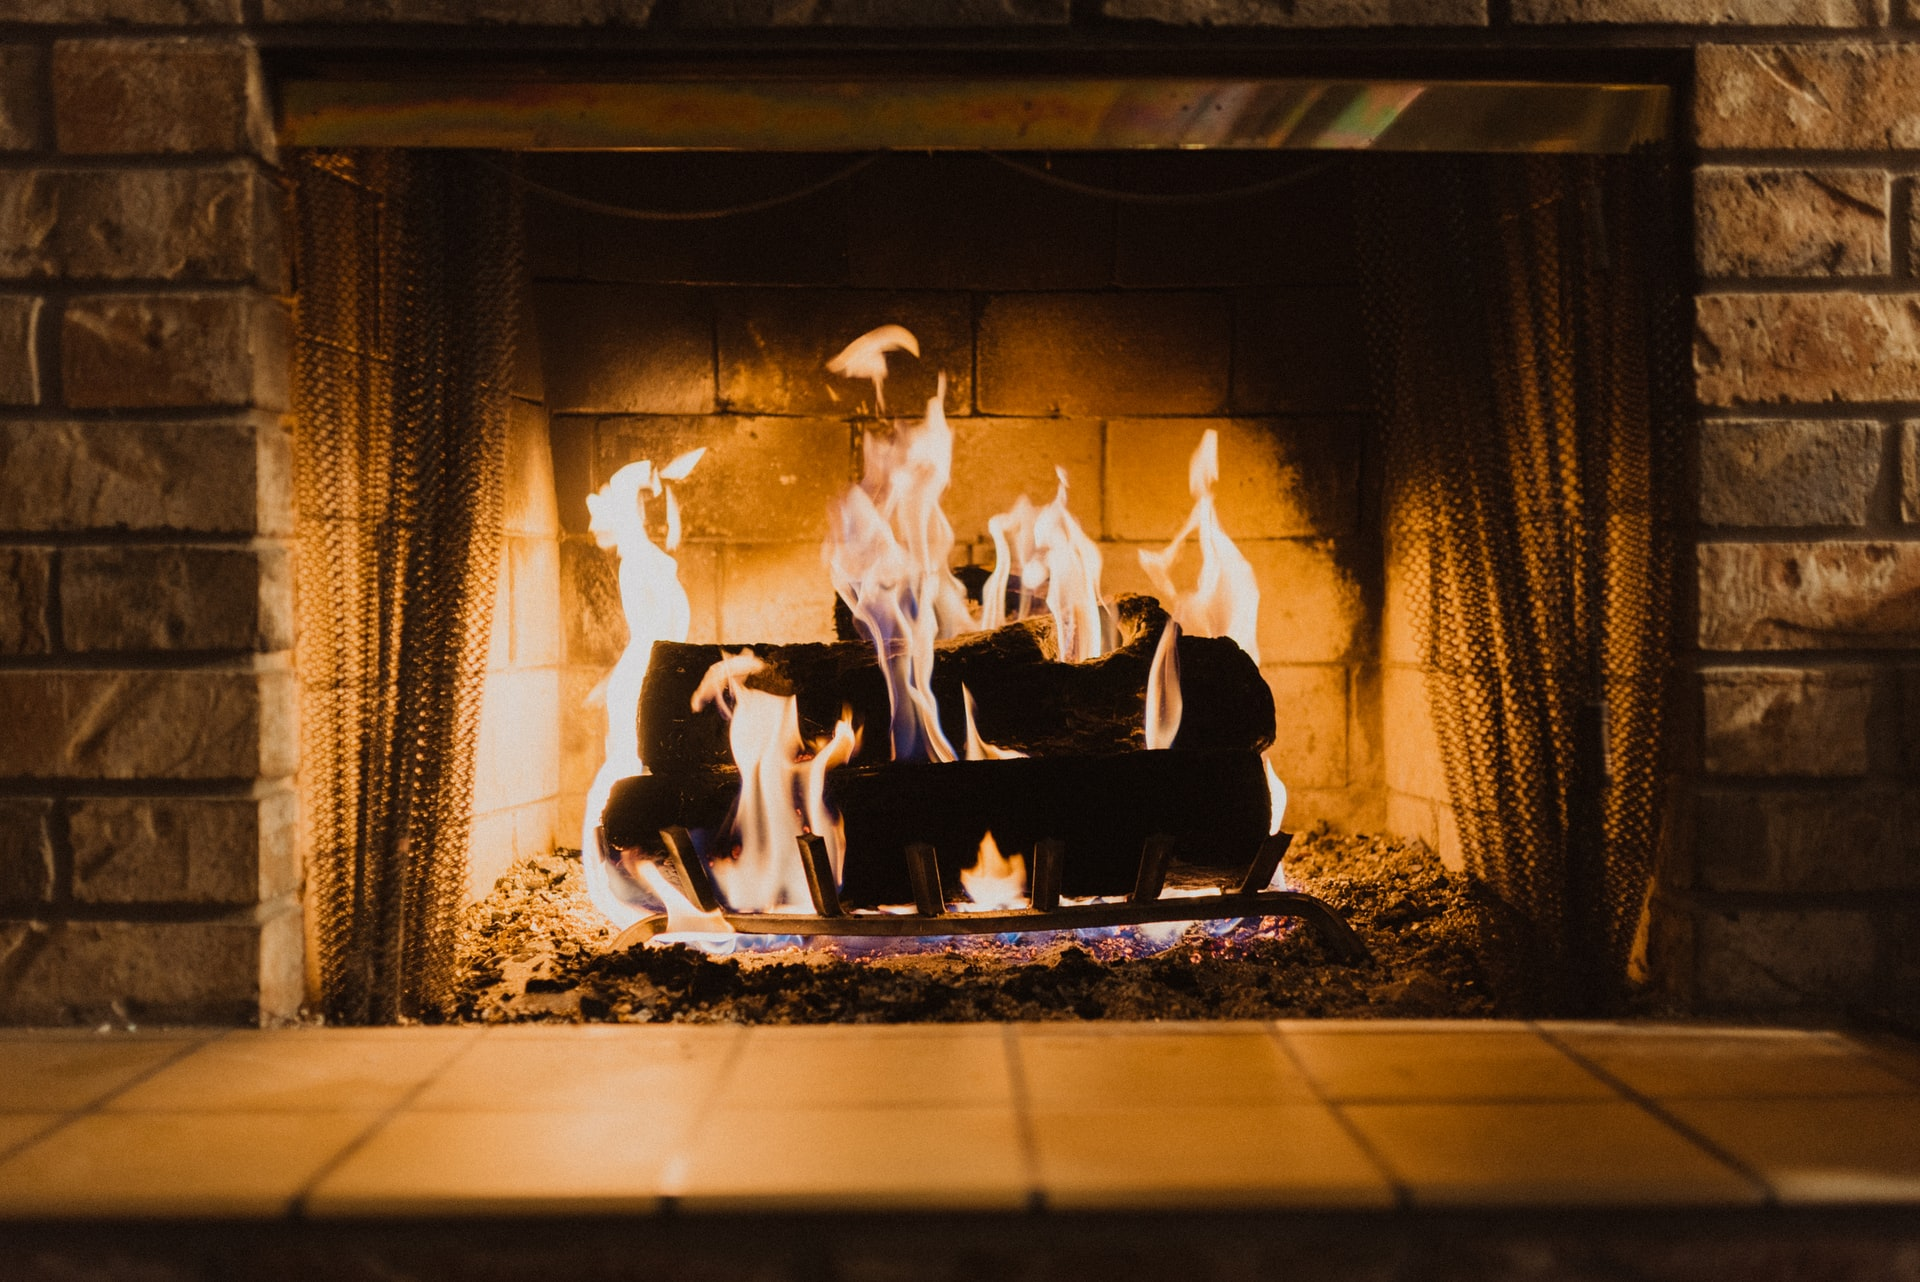 Giv dit hjem mere lys og varme